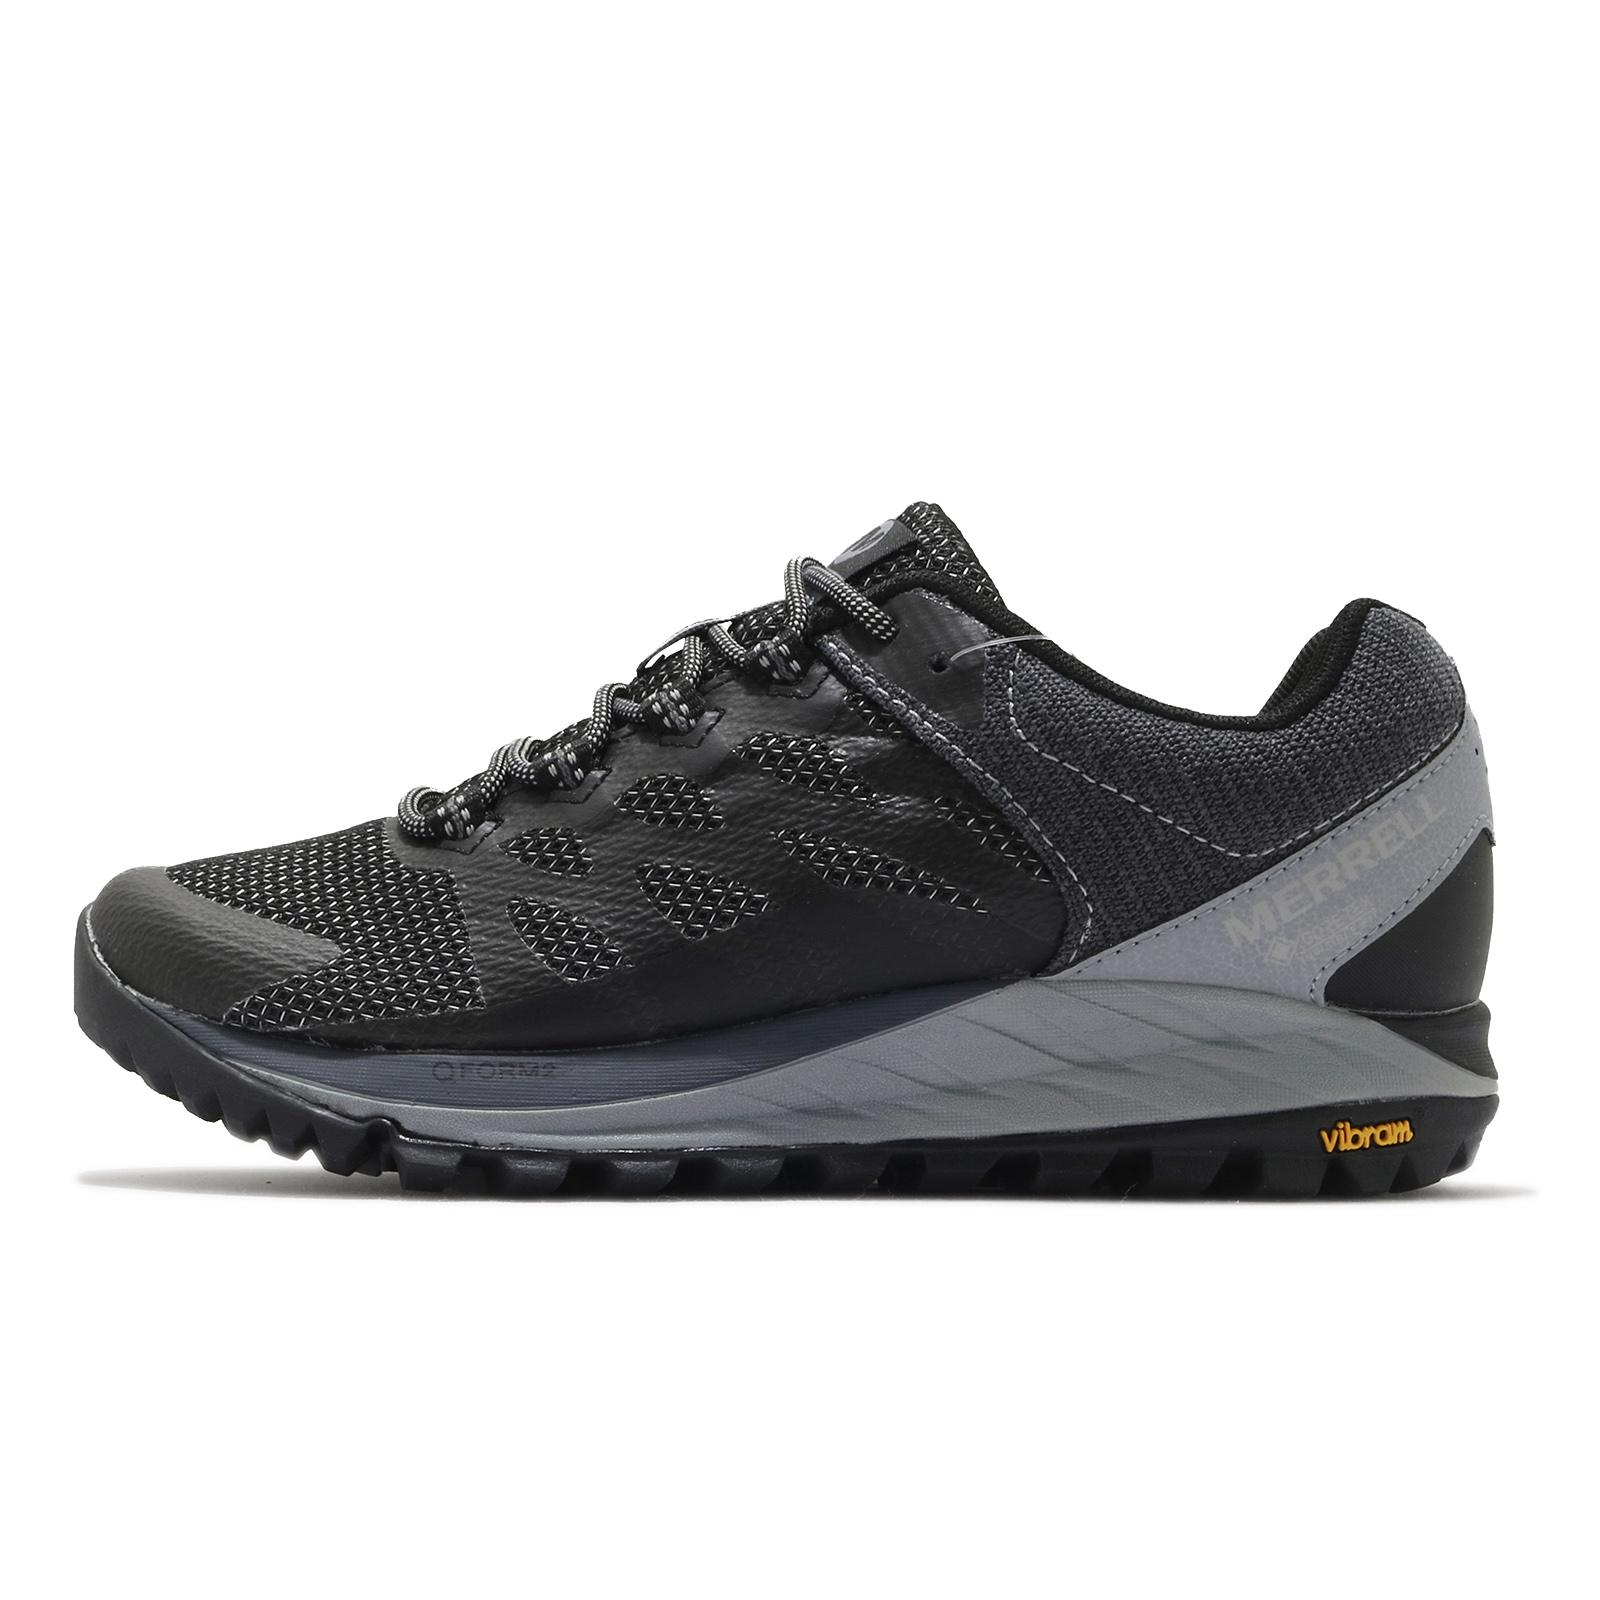 Merrell 戶外鞋 Antora 2 GTX 黑 灰 黃金大底 防水 女鞋 登山鞋【ACS】 ML066750